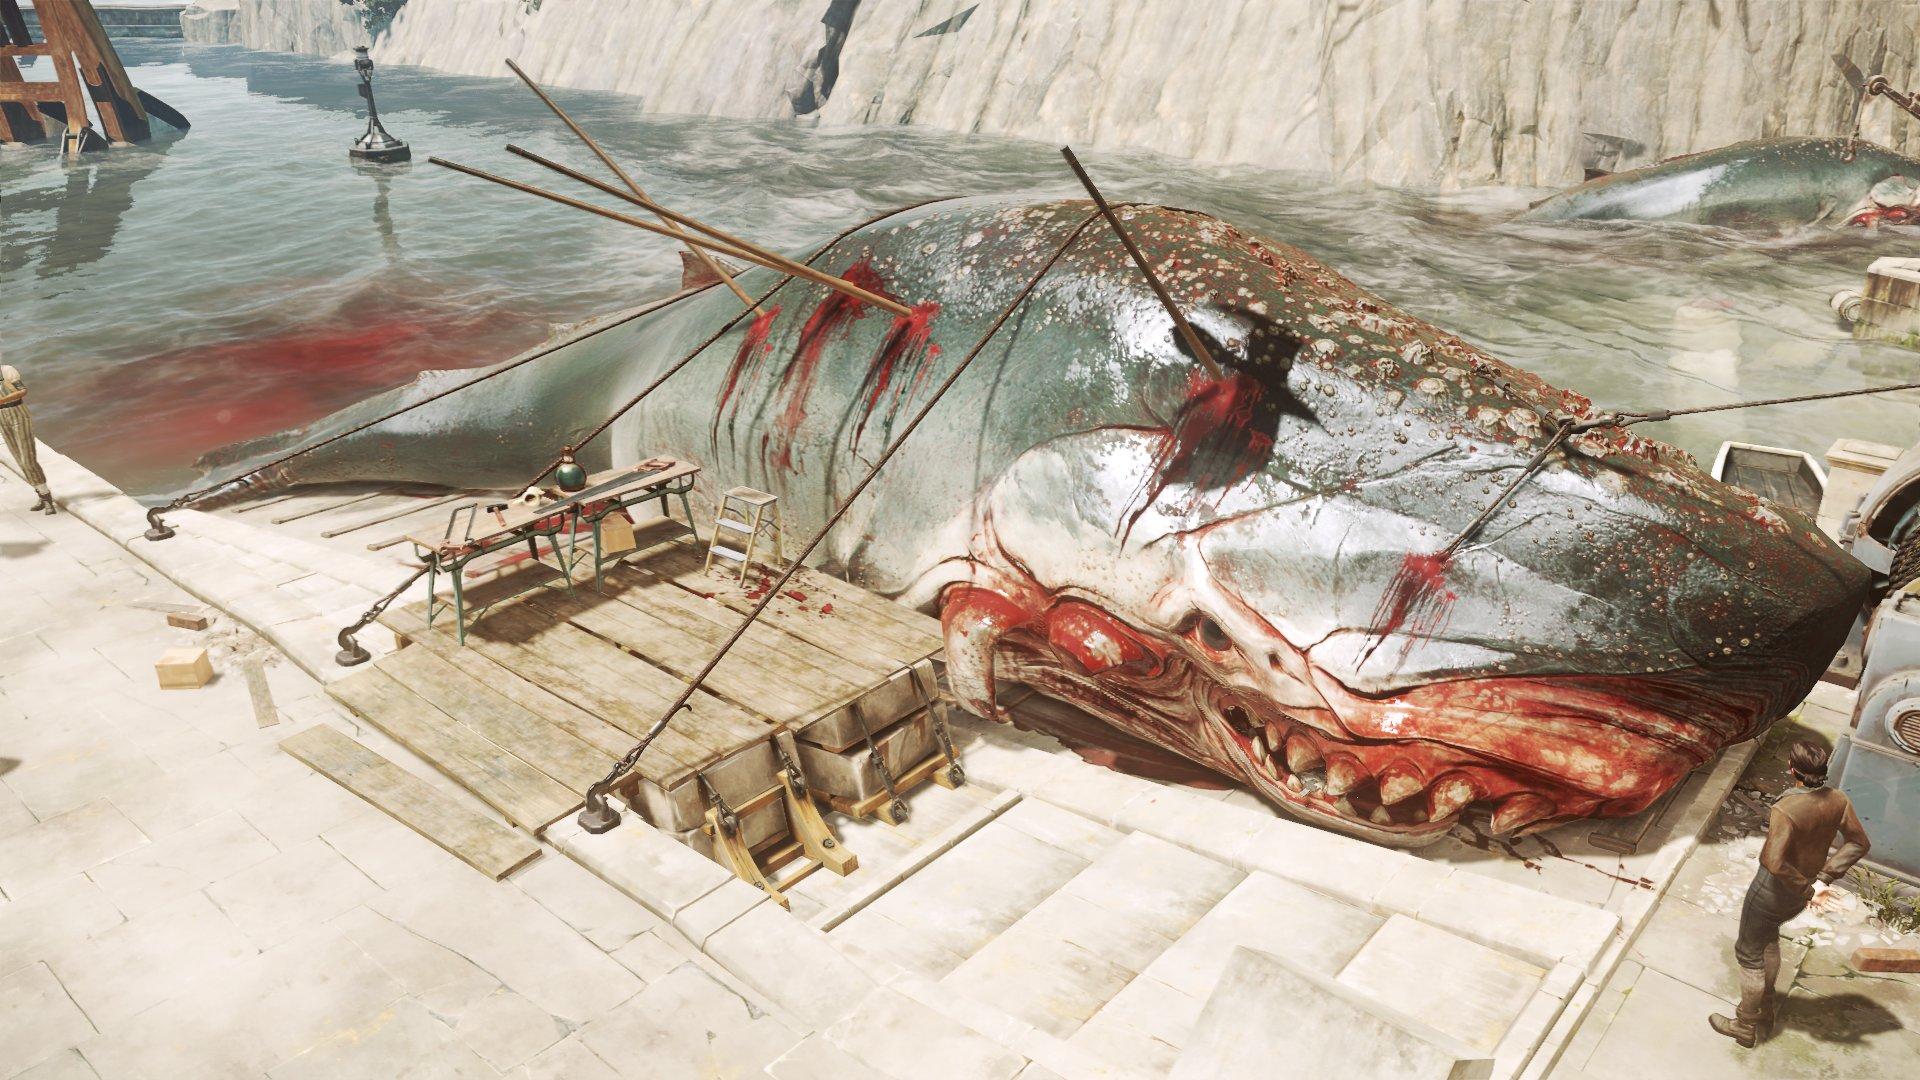 打ち上げられた鯨。「Dishonored」では重要な資源とされる鯨油が取れるため乱獲が進められている